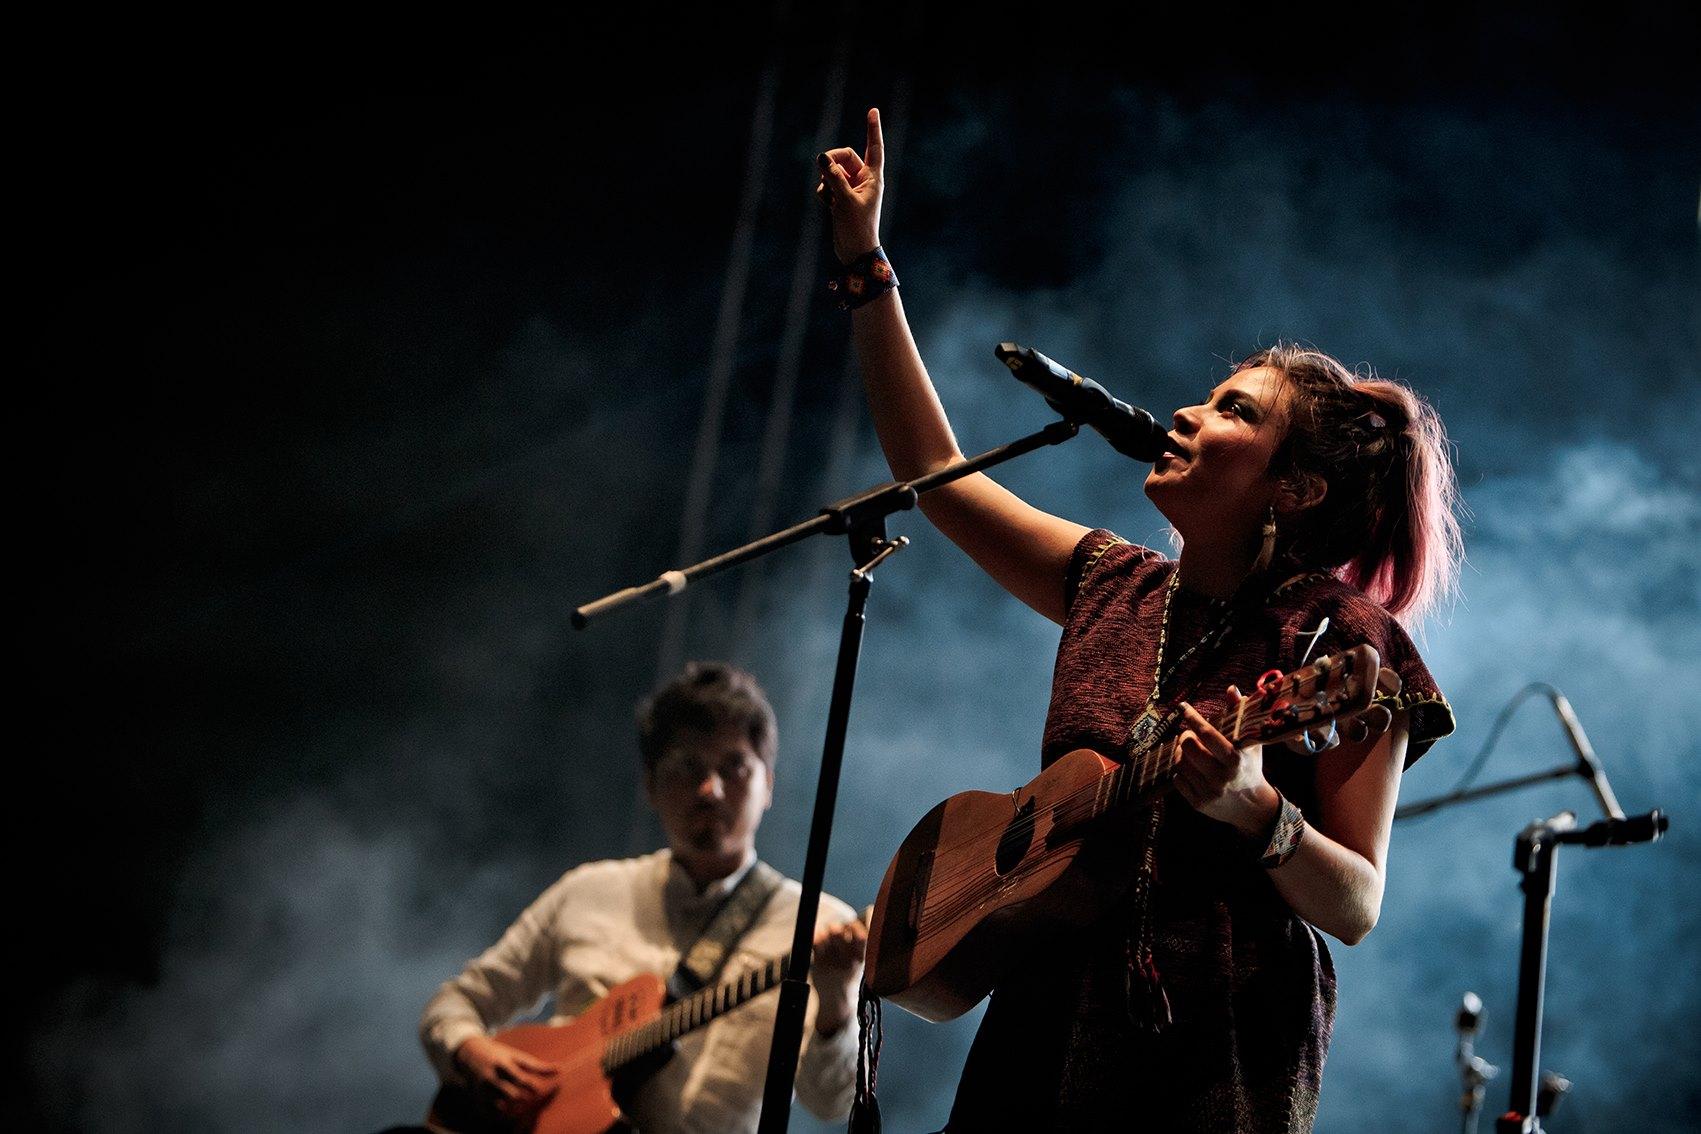 Bullire promove 'Bulliço Mexicano' este domingo com novos talentos da cultura mexicana em Vila Verde